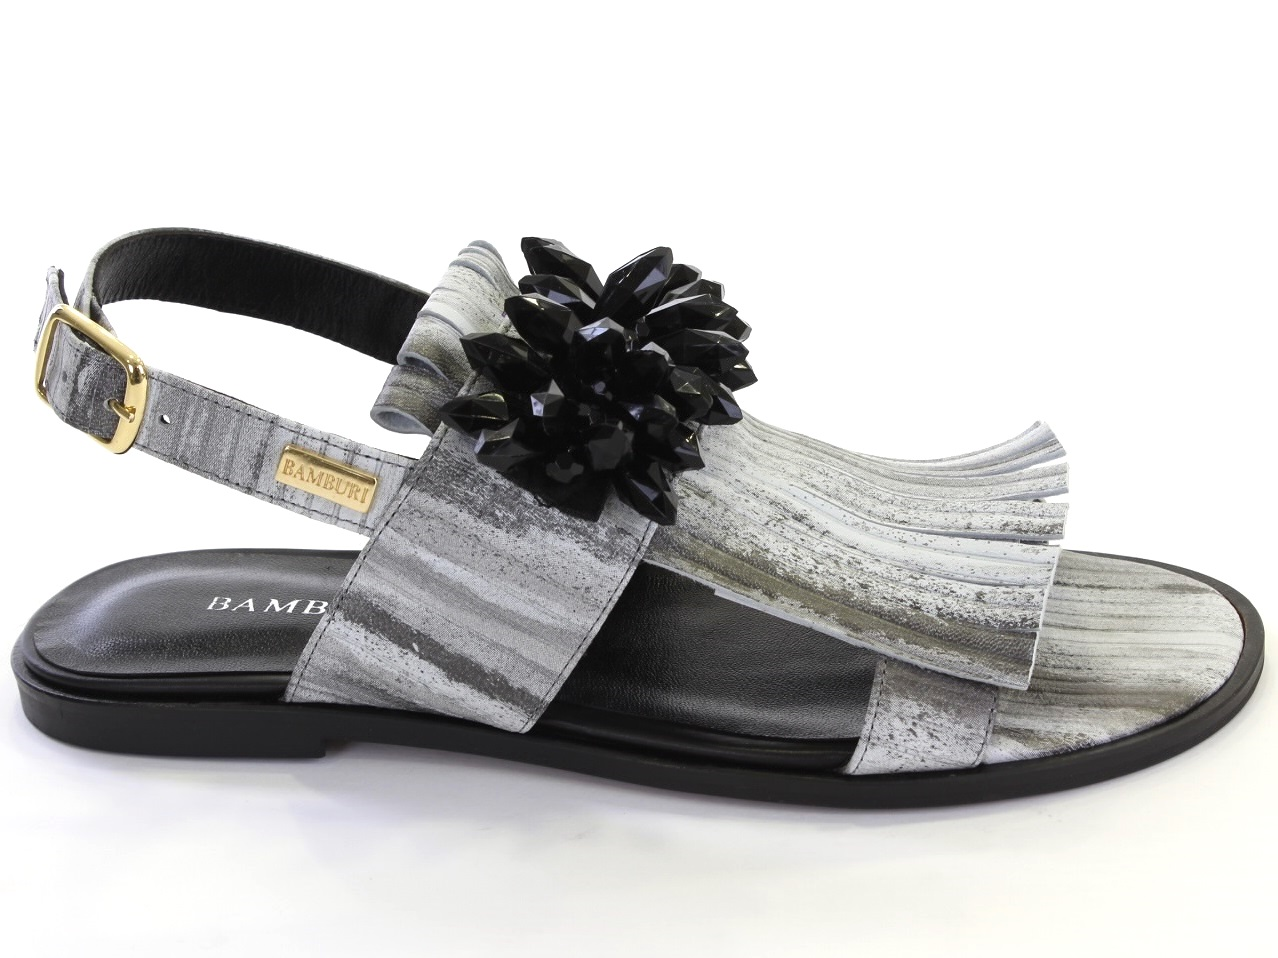 Sandales Plates Bamburi - 653 BBIF54W